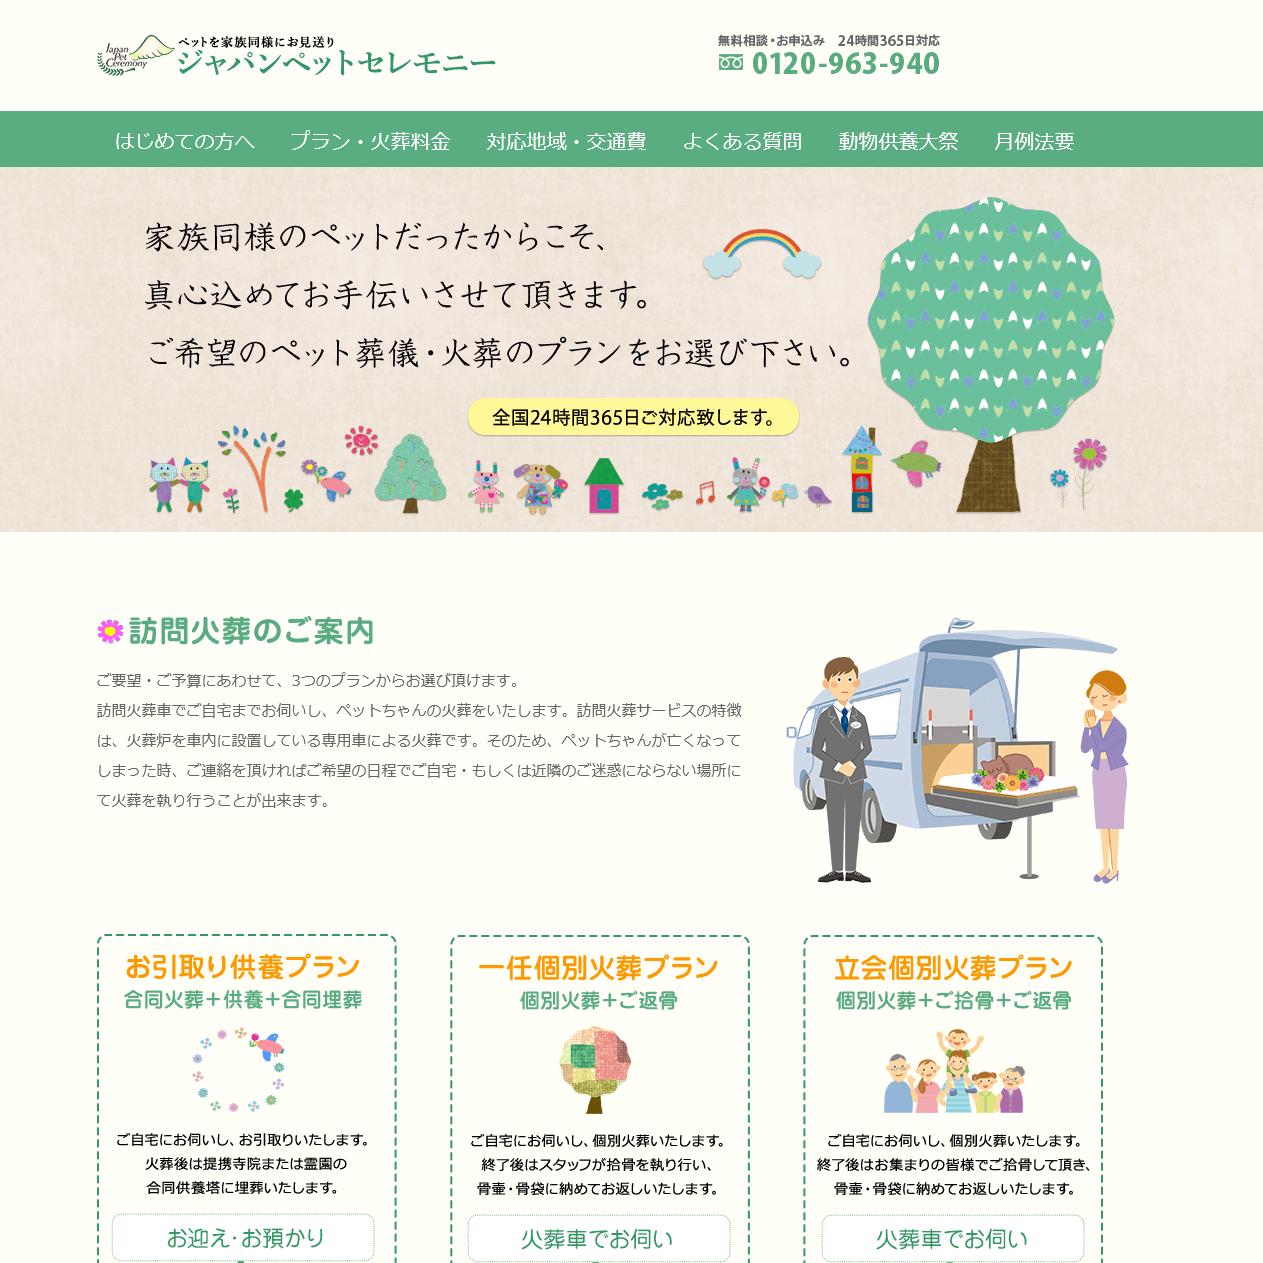 """<span class=""""title"""">ジャパンペットセレモニーの口コミや評判</span>"""